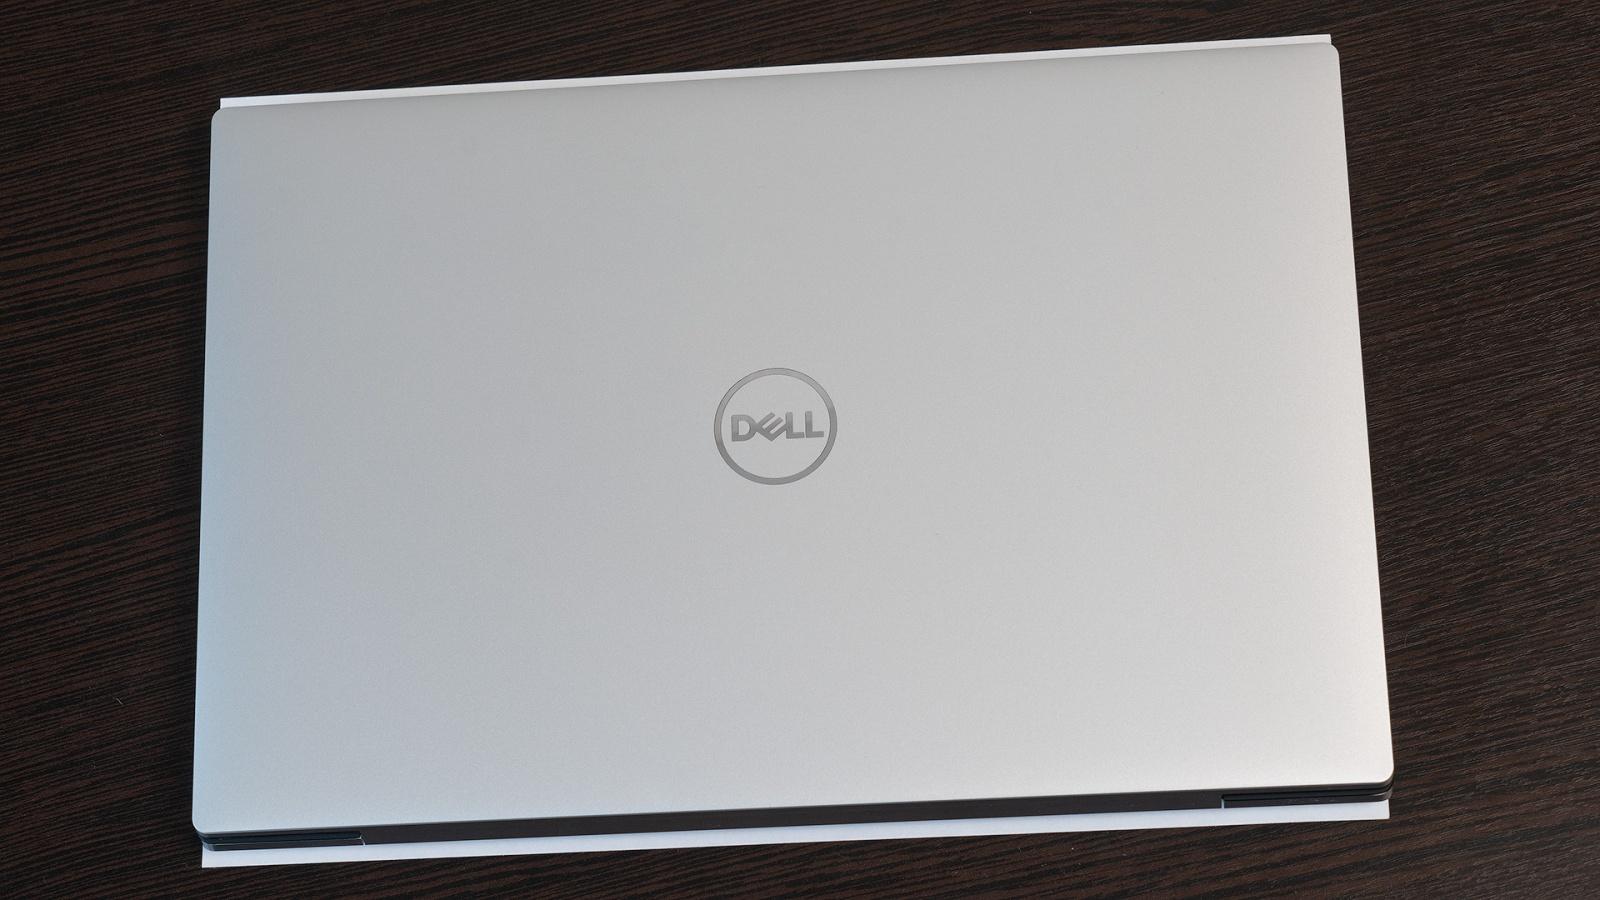 XPS 13 9310: эволюционный апгрейд флагманского ультрабука Dell с Tiger Lake внутри - 2